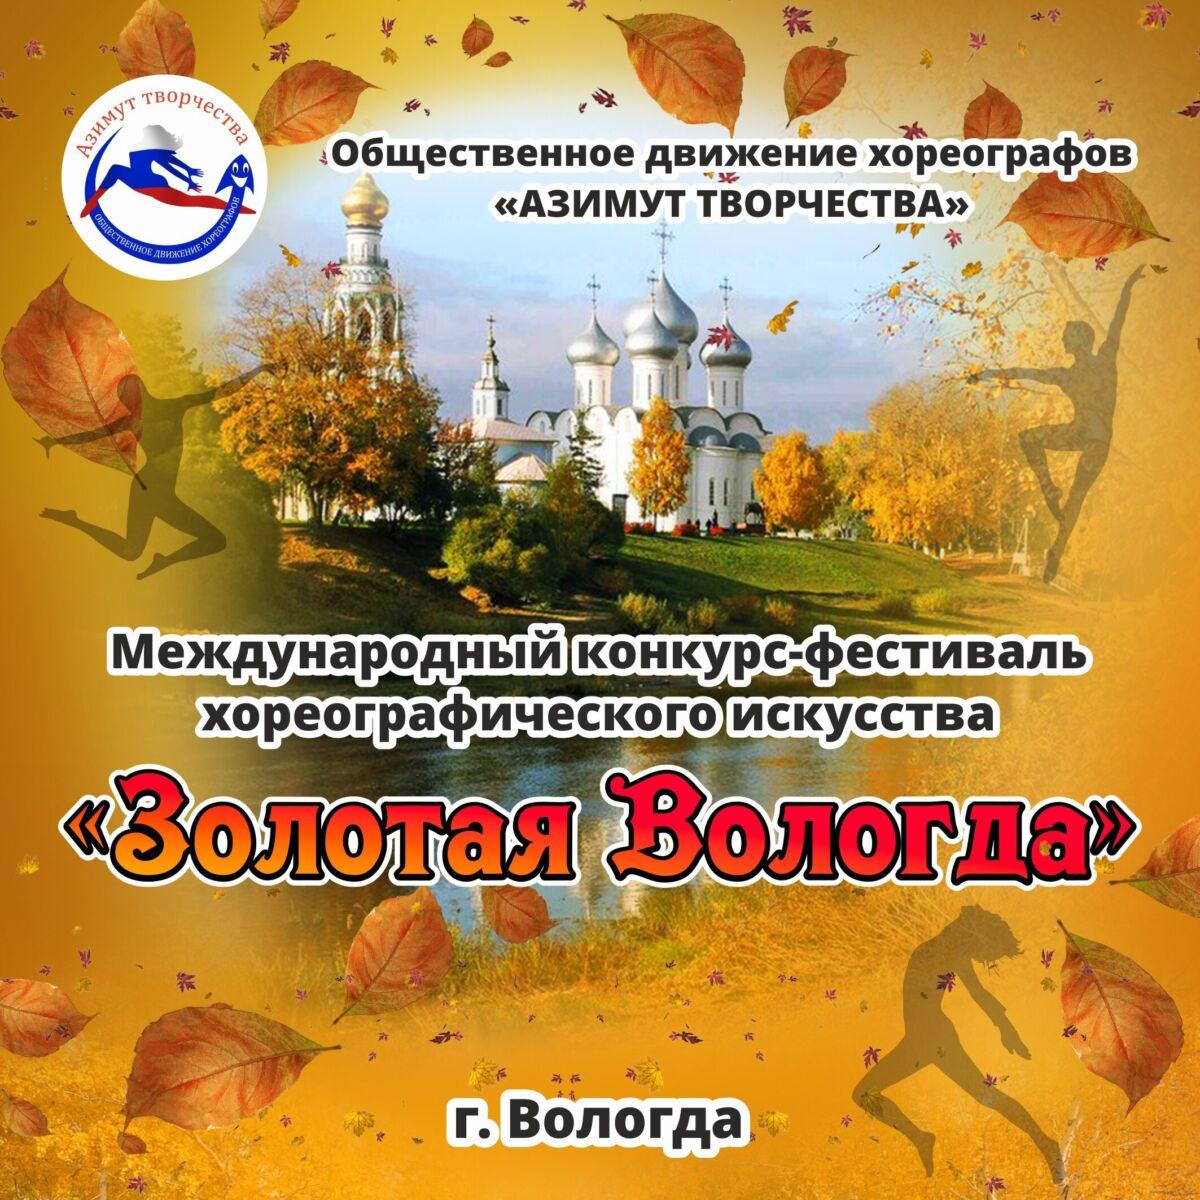 г. Вологда 6-8 ноября 2021 г.